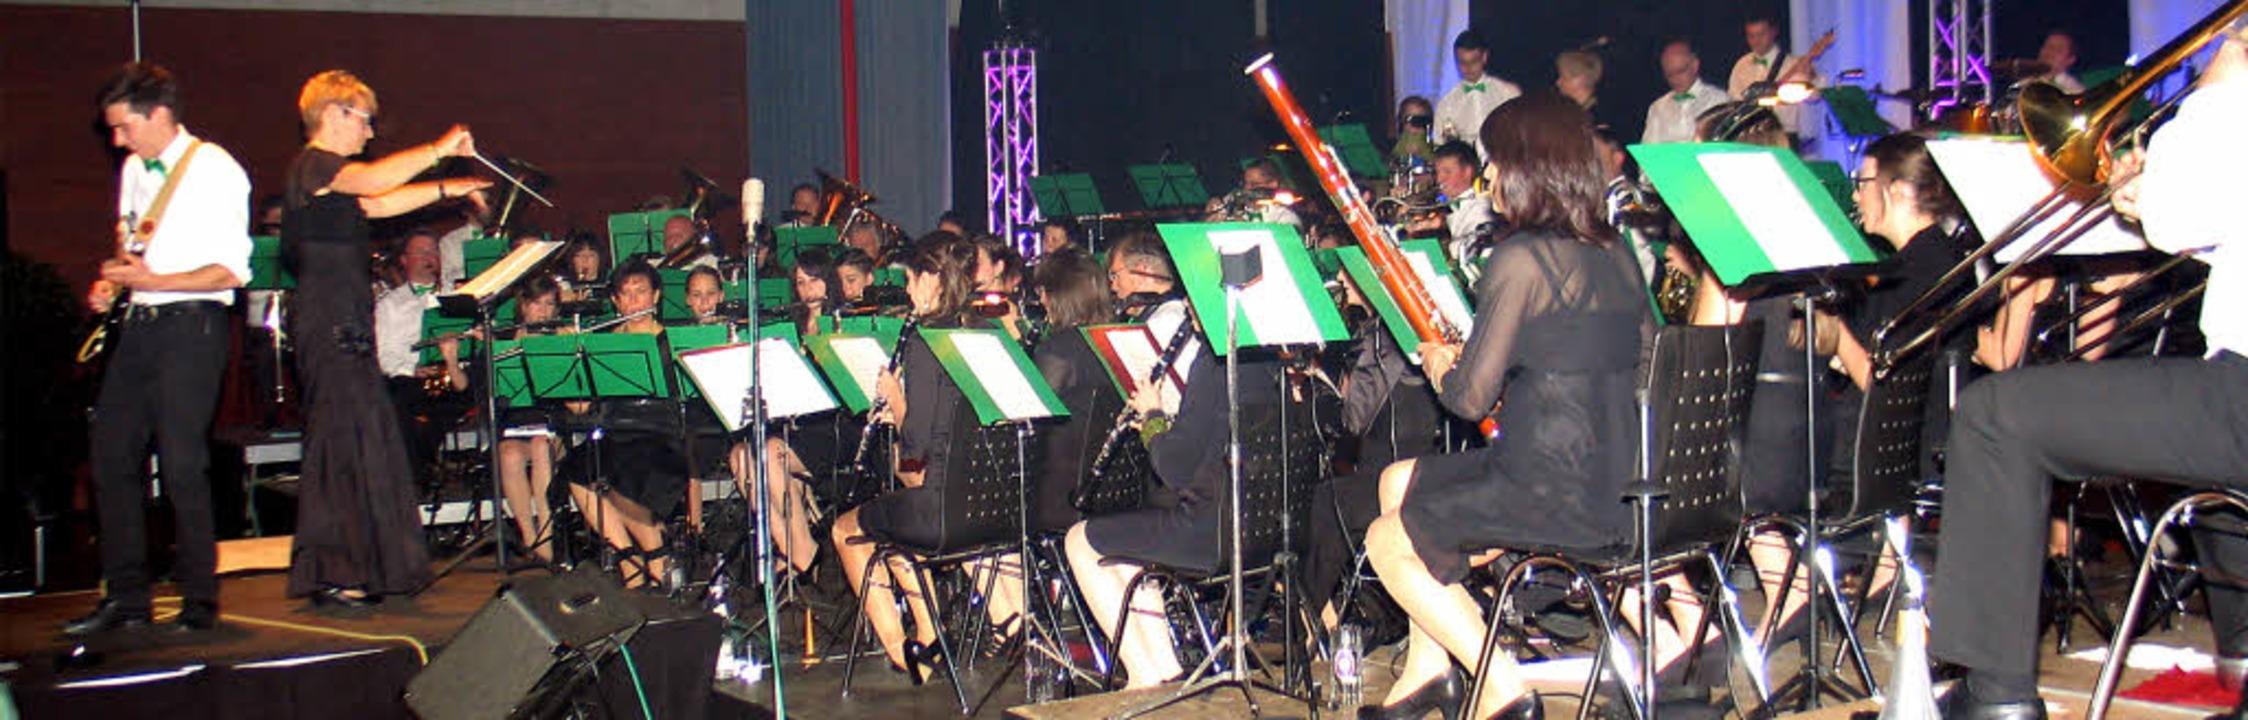 Rockband meets Blasorchester beim Frühlingskonzert des Musikvereins Riegel.   | Foto: Helmut Hassler